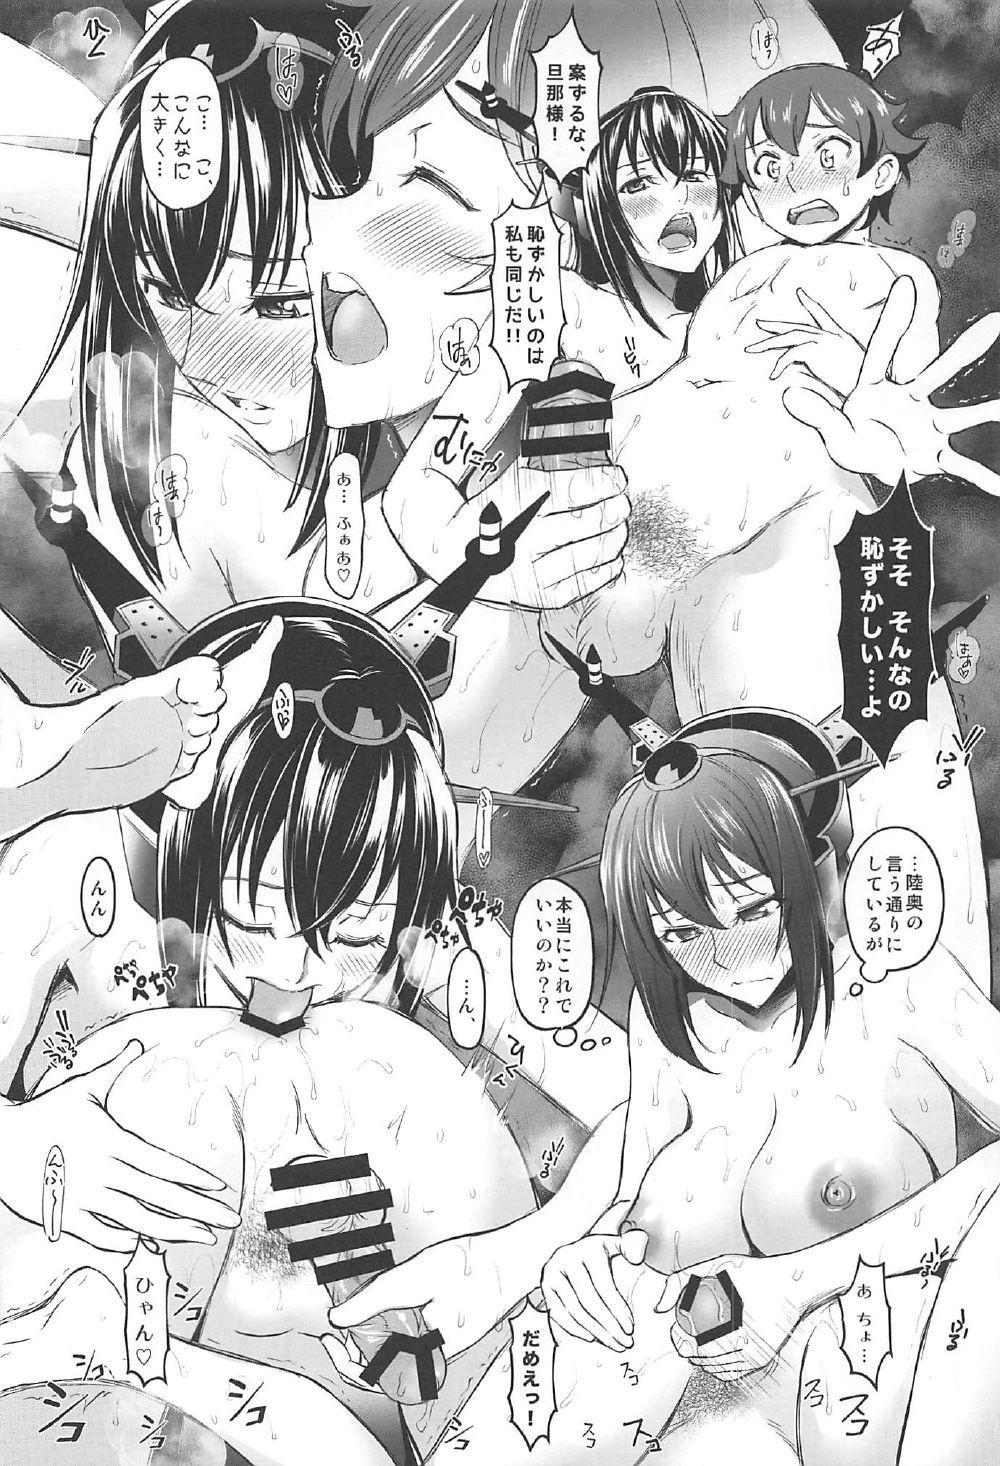 Nagato-san no Shinkon Seikatsu 10